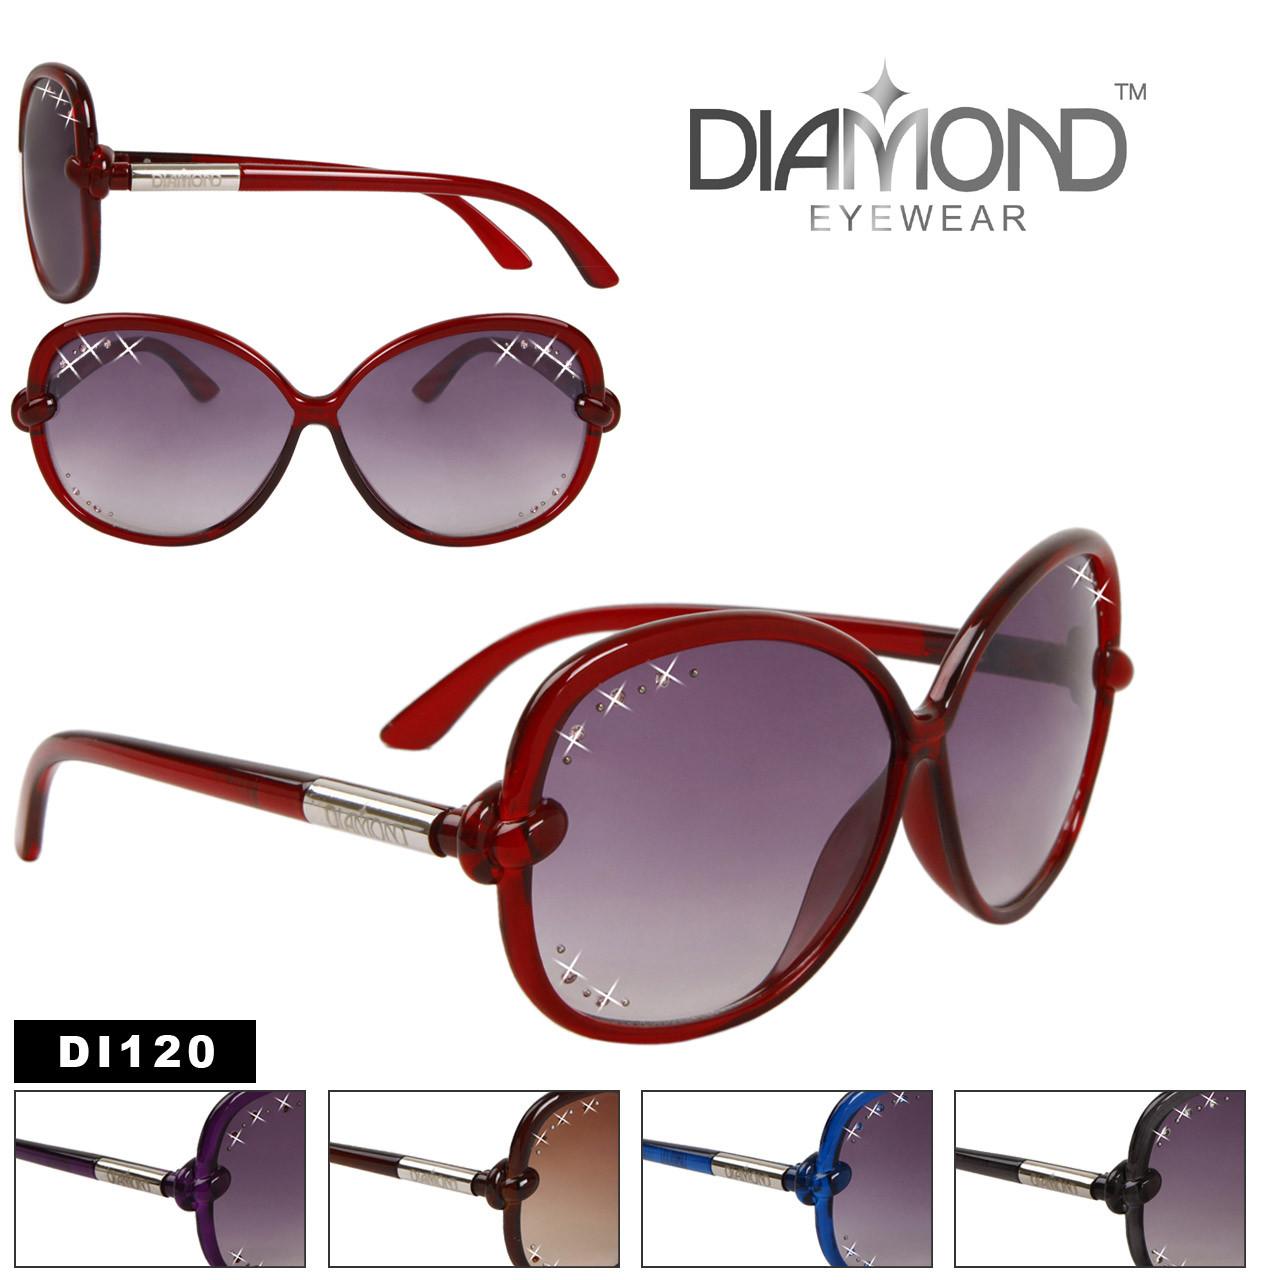 Rhinestone Sunglasses DI120